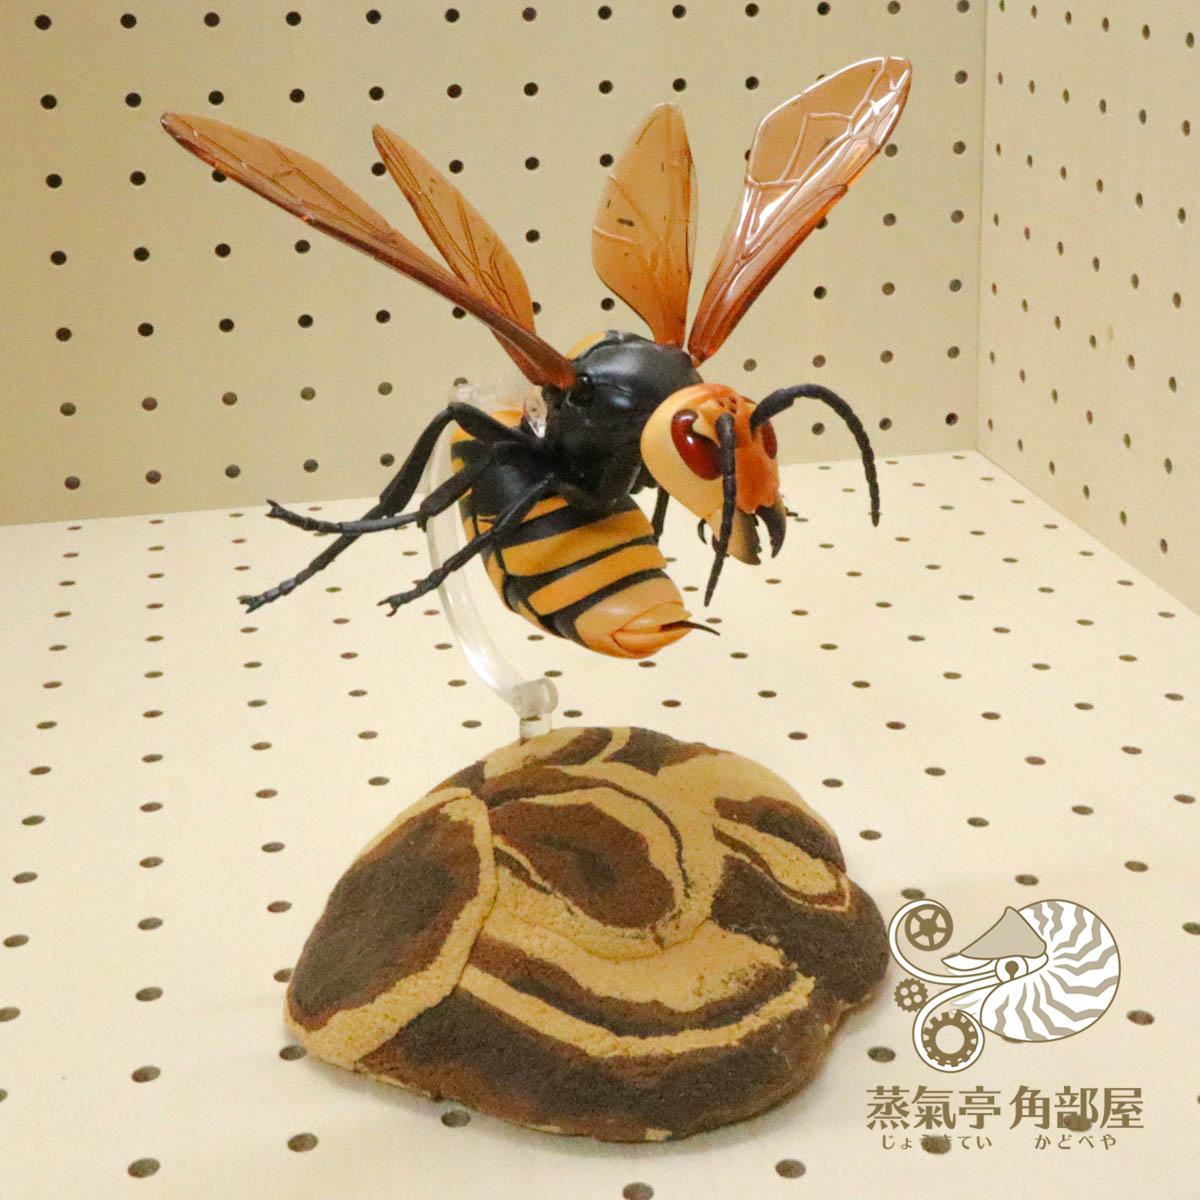 スズメバチ攻撃態勢!